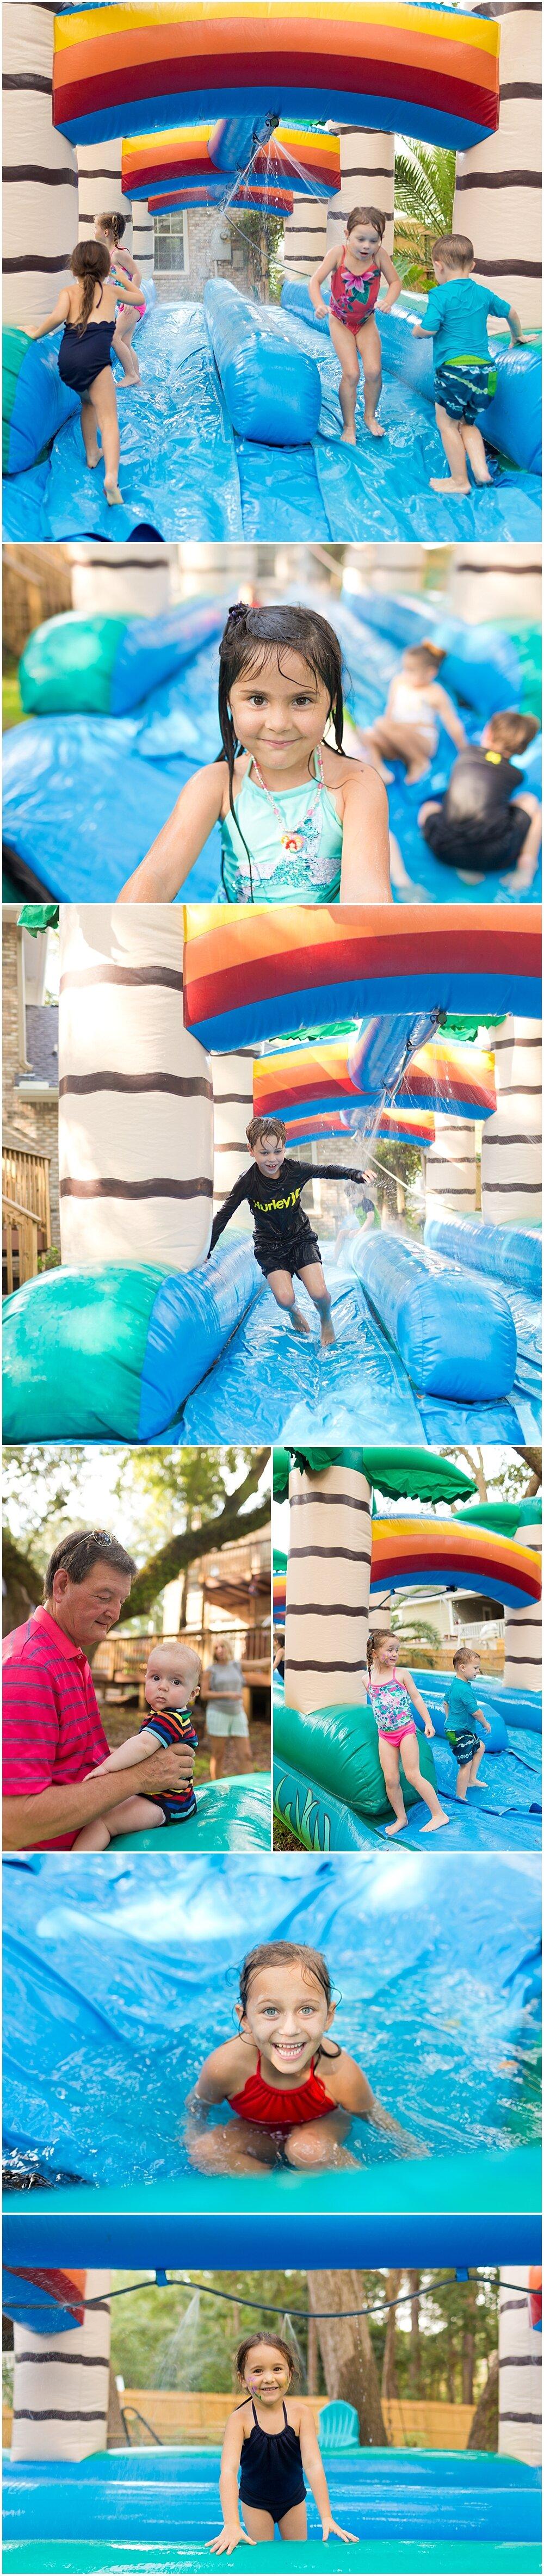 rainbow water slide for kids birthday party in Ocean Springs, MS